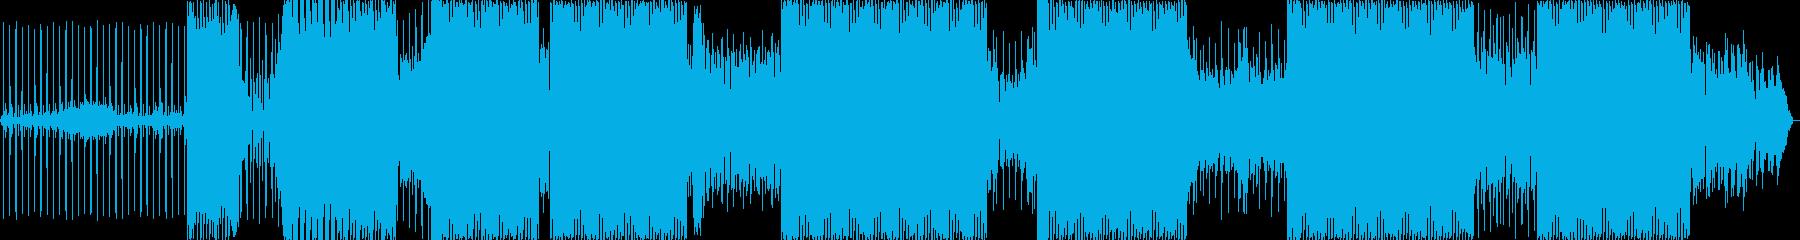 プログレッシブハウス。クラシックハウス。の再生済みの波形